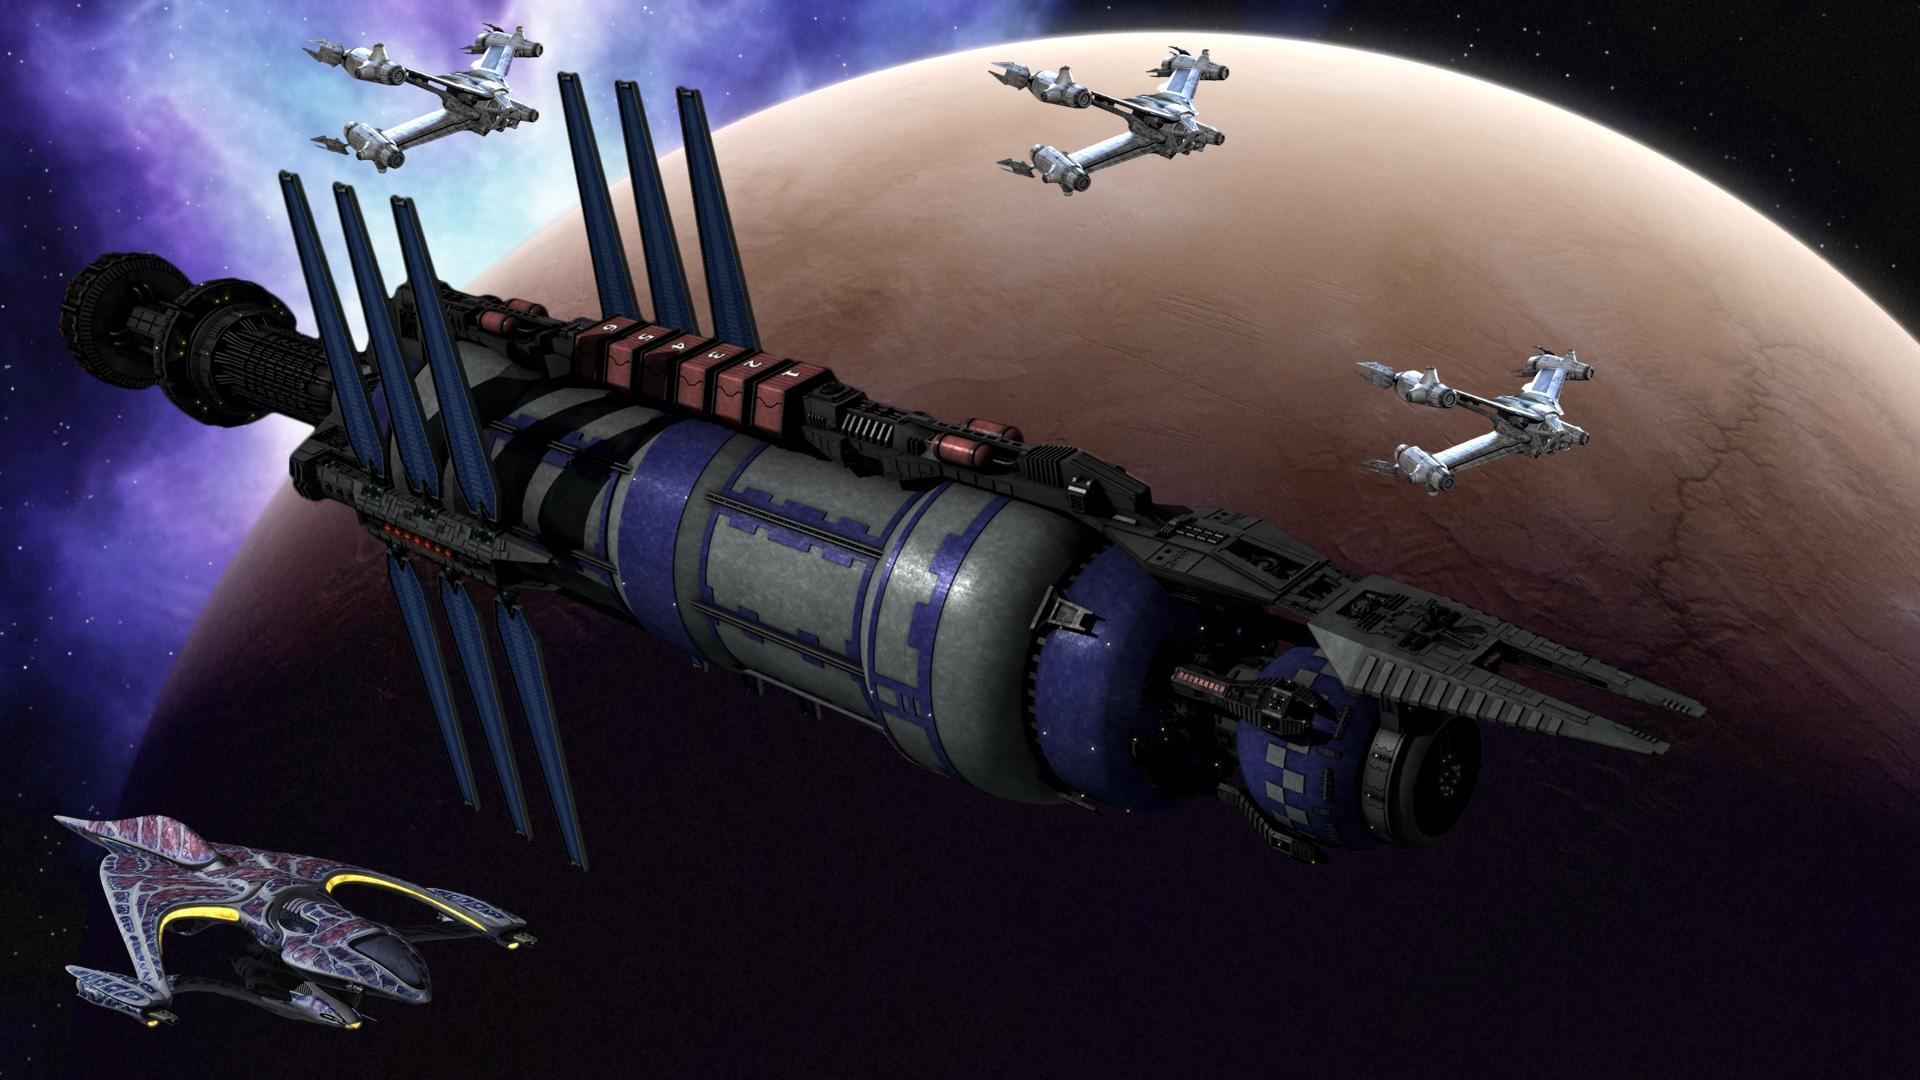 Babylon 5 Wallpaper (70+ images)